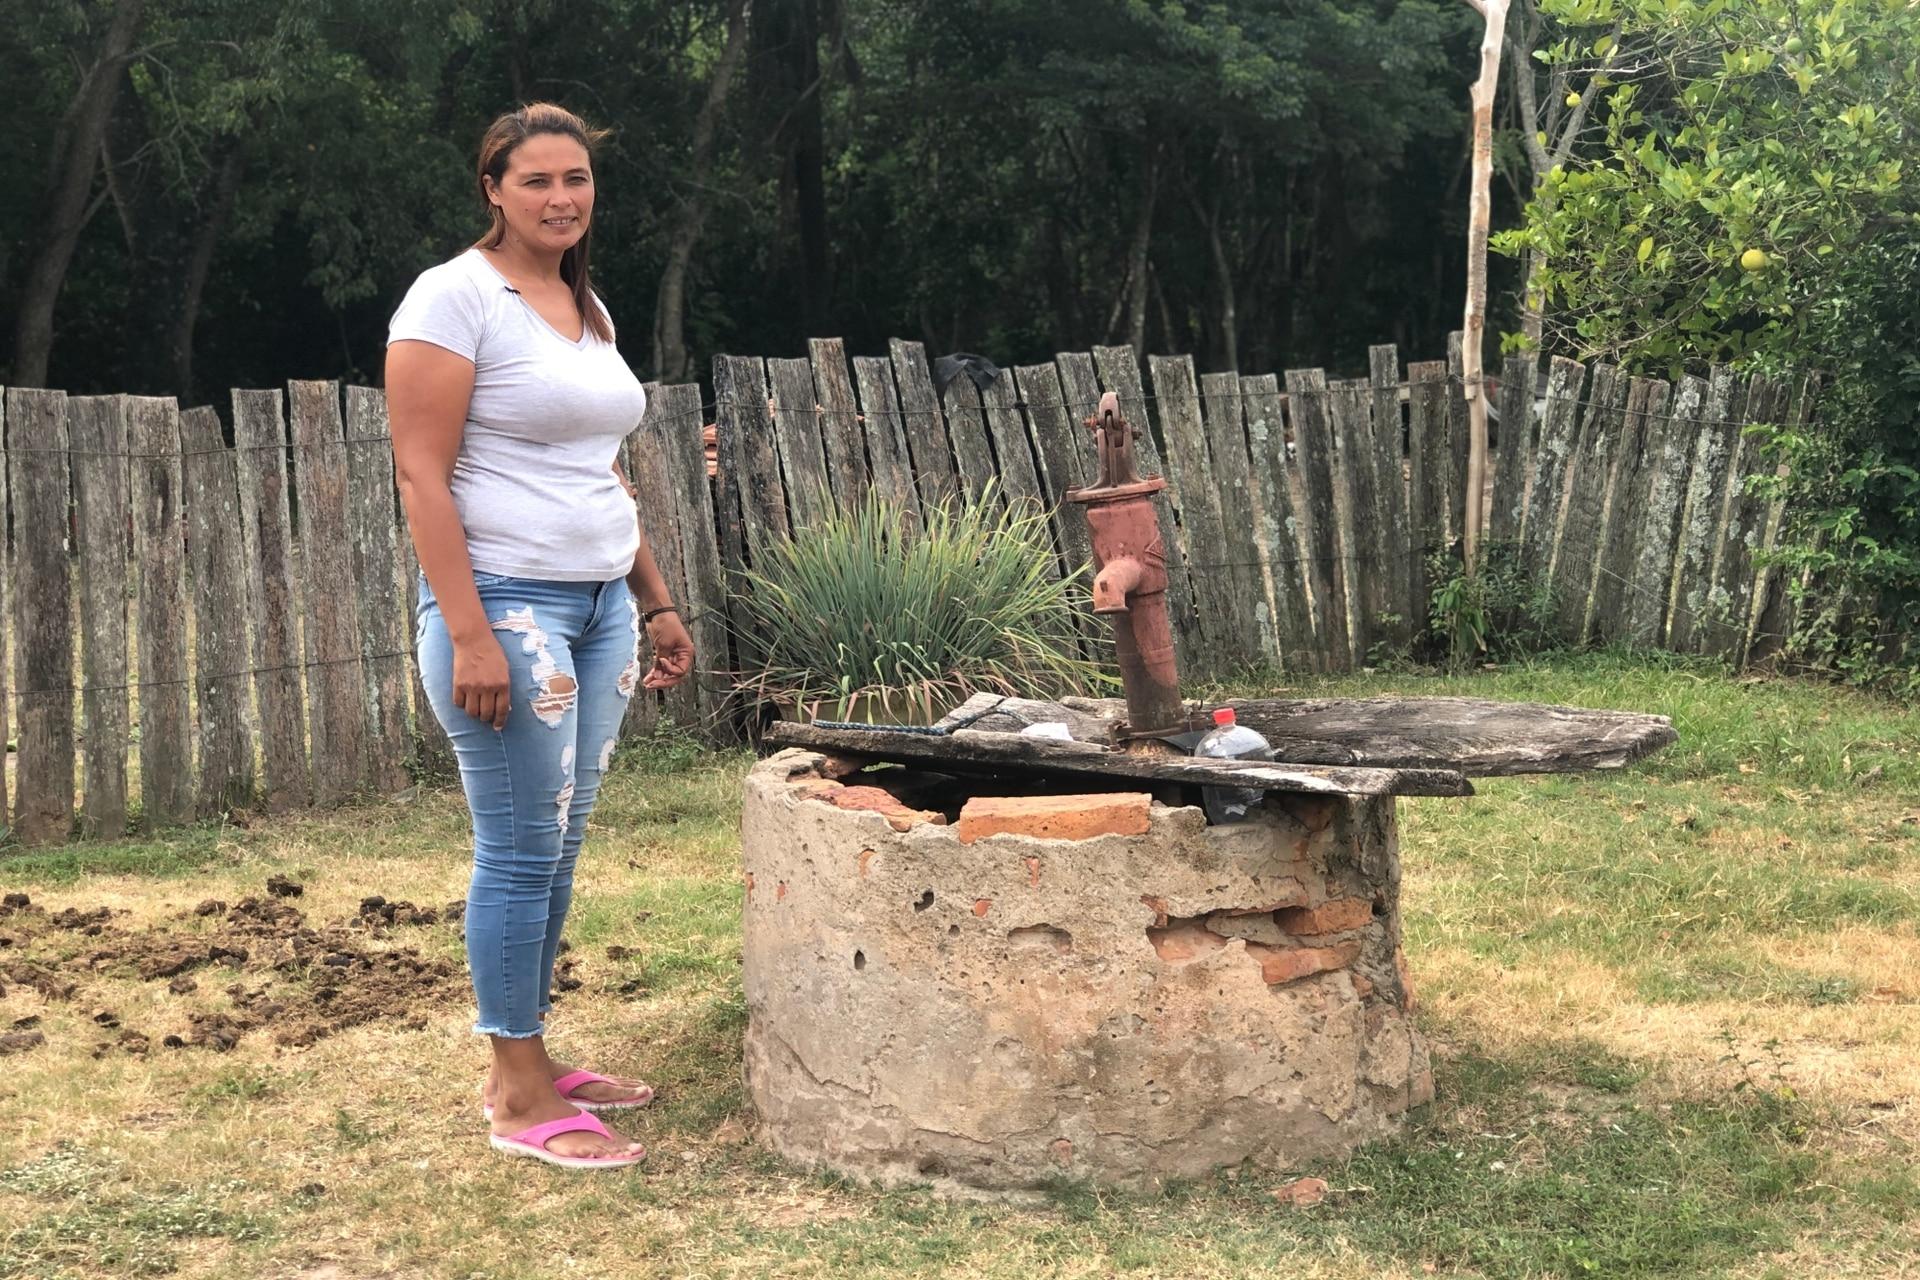 Luisa vive en la zona rural de Puerto Bermejo, a 150 km de Resistencia, Chacho. Allí habitan cerca de 50 familias y ninguna de ellas tiene acceso al agua y la que les llega de red está sucia.